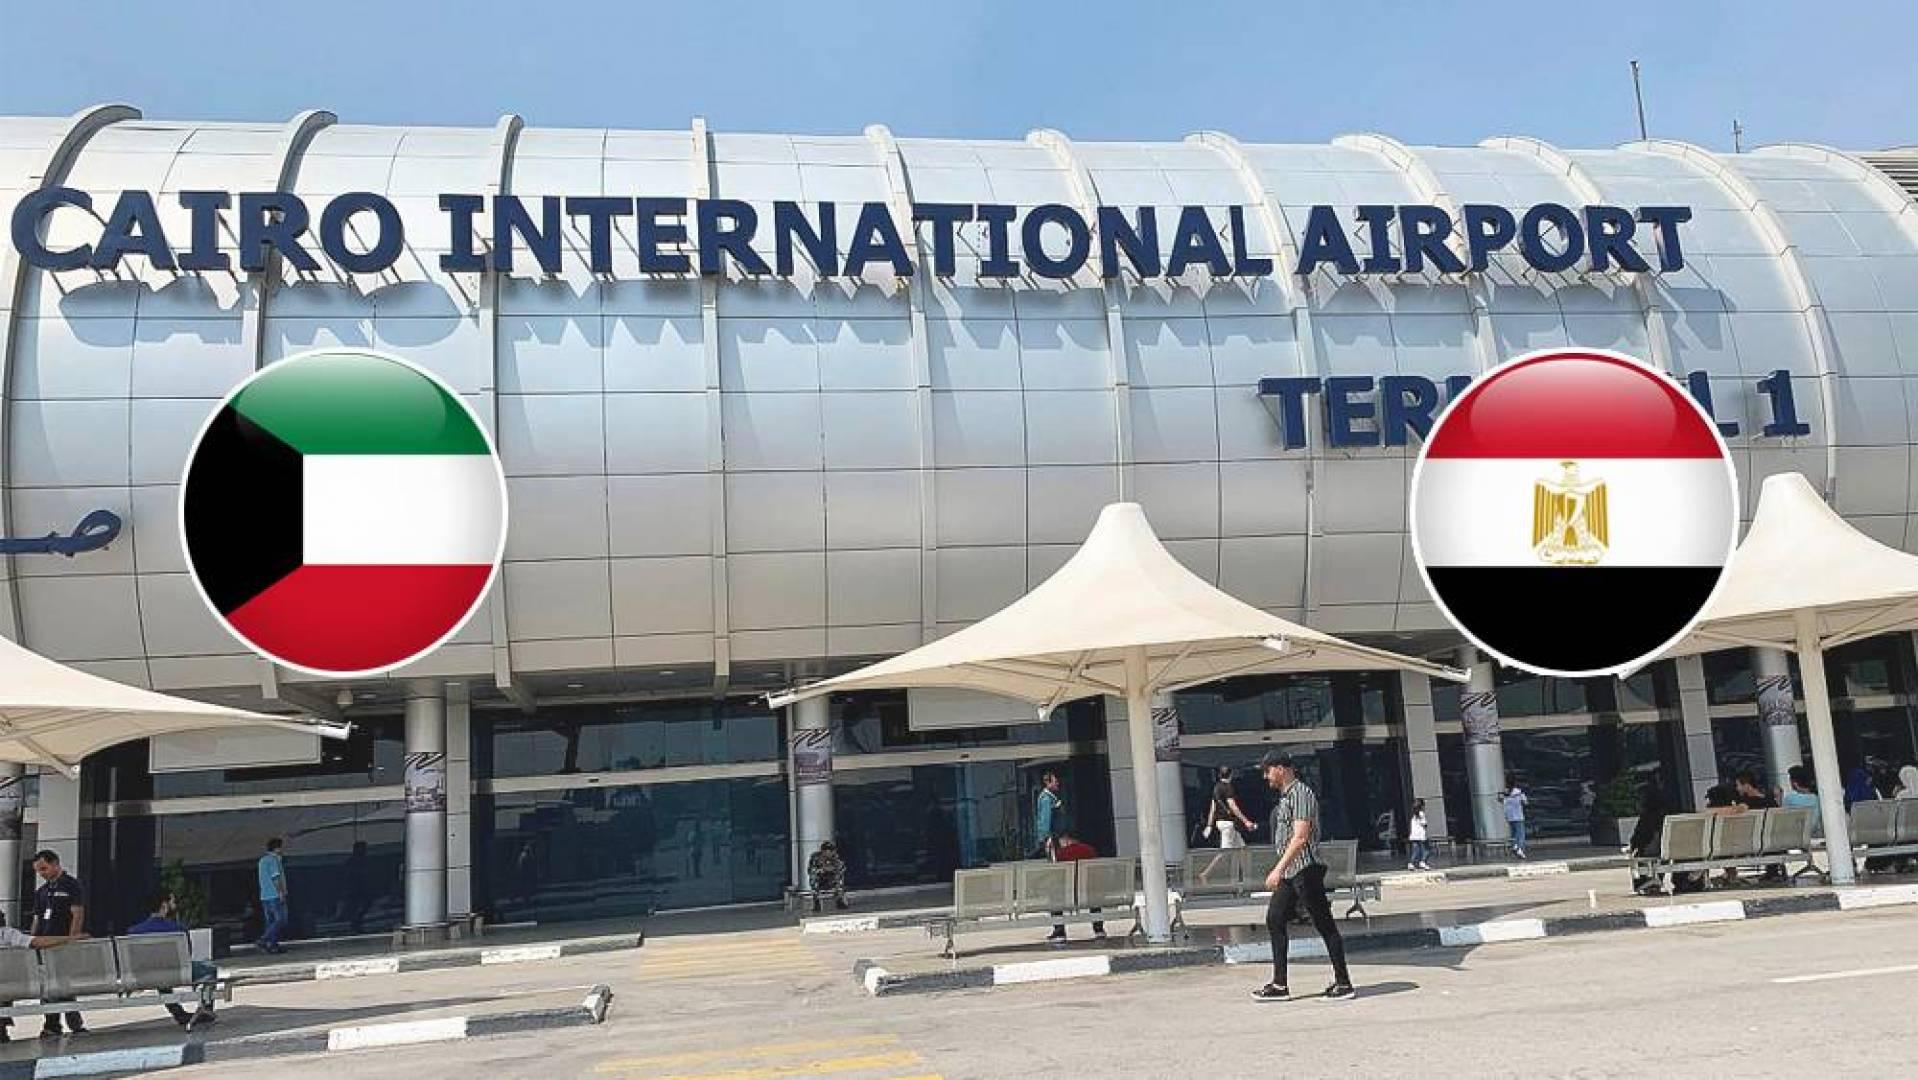 مصر تُعلق جميع الرحلات بين القاهرة والكويت لجميع شركات الطيران